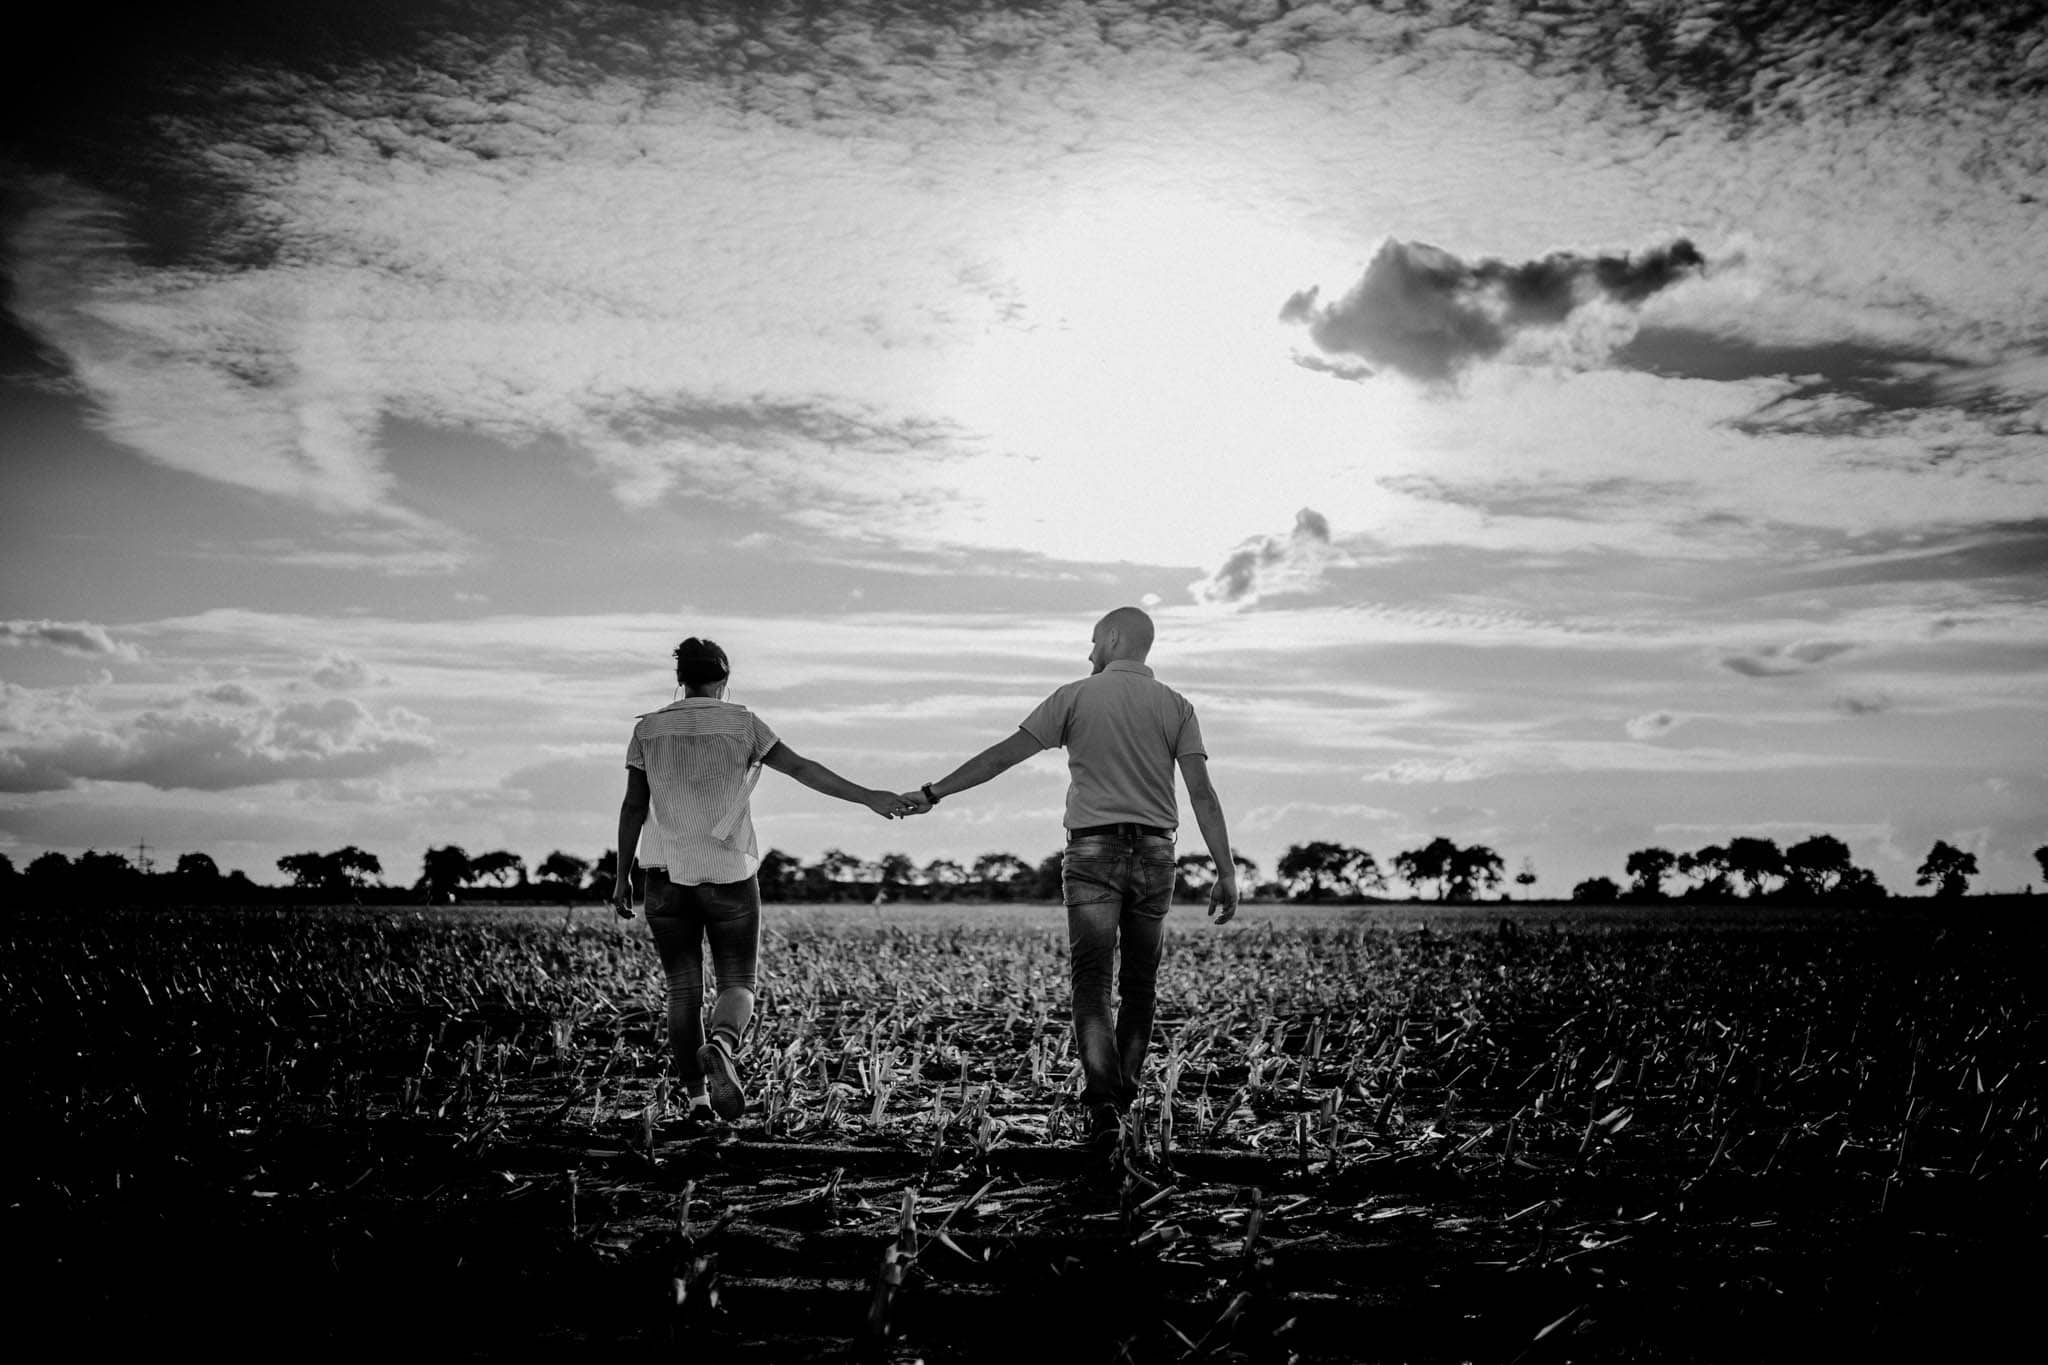 Engagementshoot Hochzeitsfieber by Photo-Schomburg, coupleshoot, paarshooting, zarrentin, wedding2018,wedding, hochzeitsfotograf, hamburg, braut, bräutigam, hochzeitstag-14